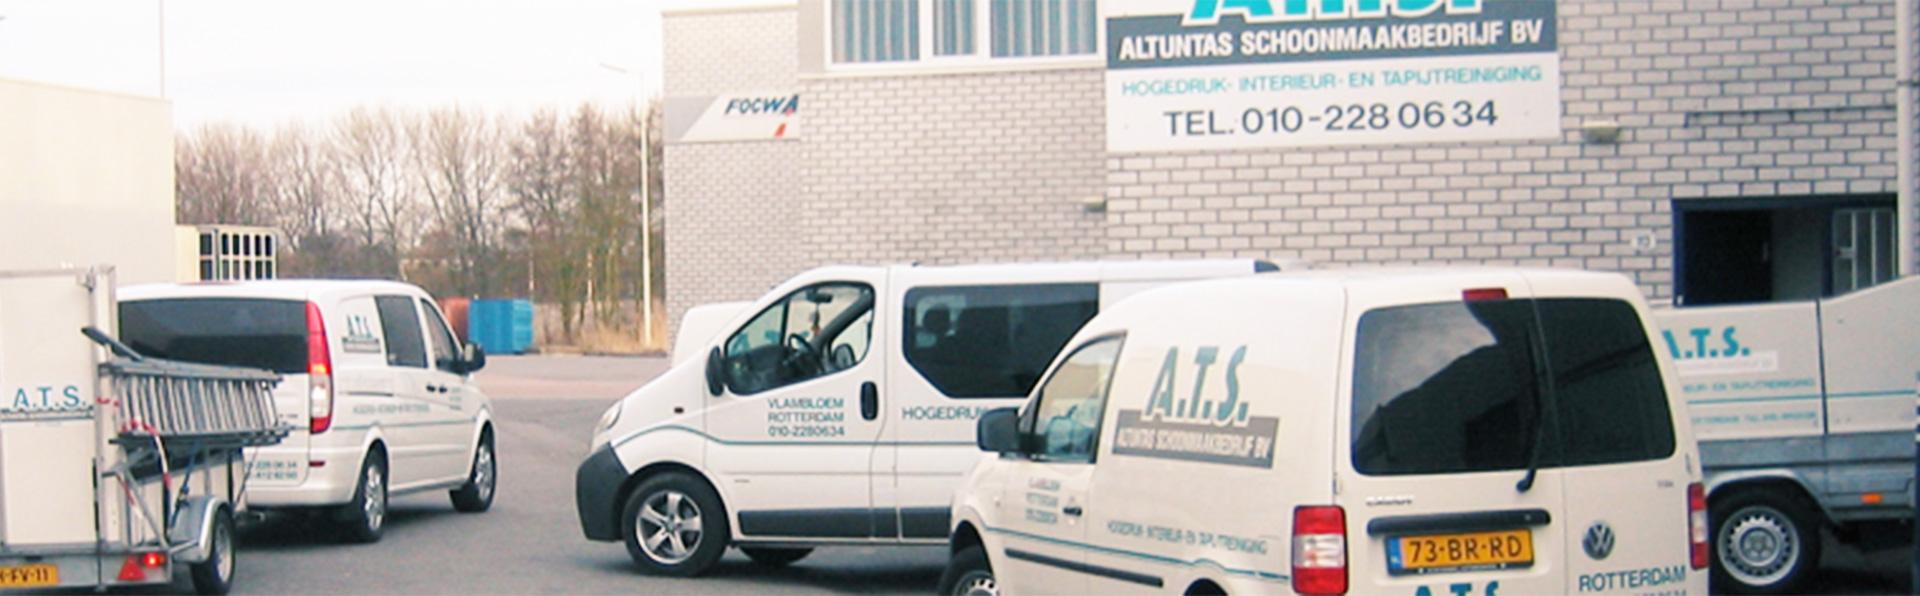 Schoonmaakbedrijf- Amstelveen-ATS-header